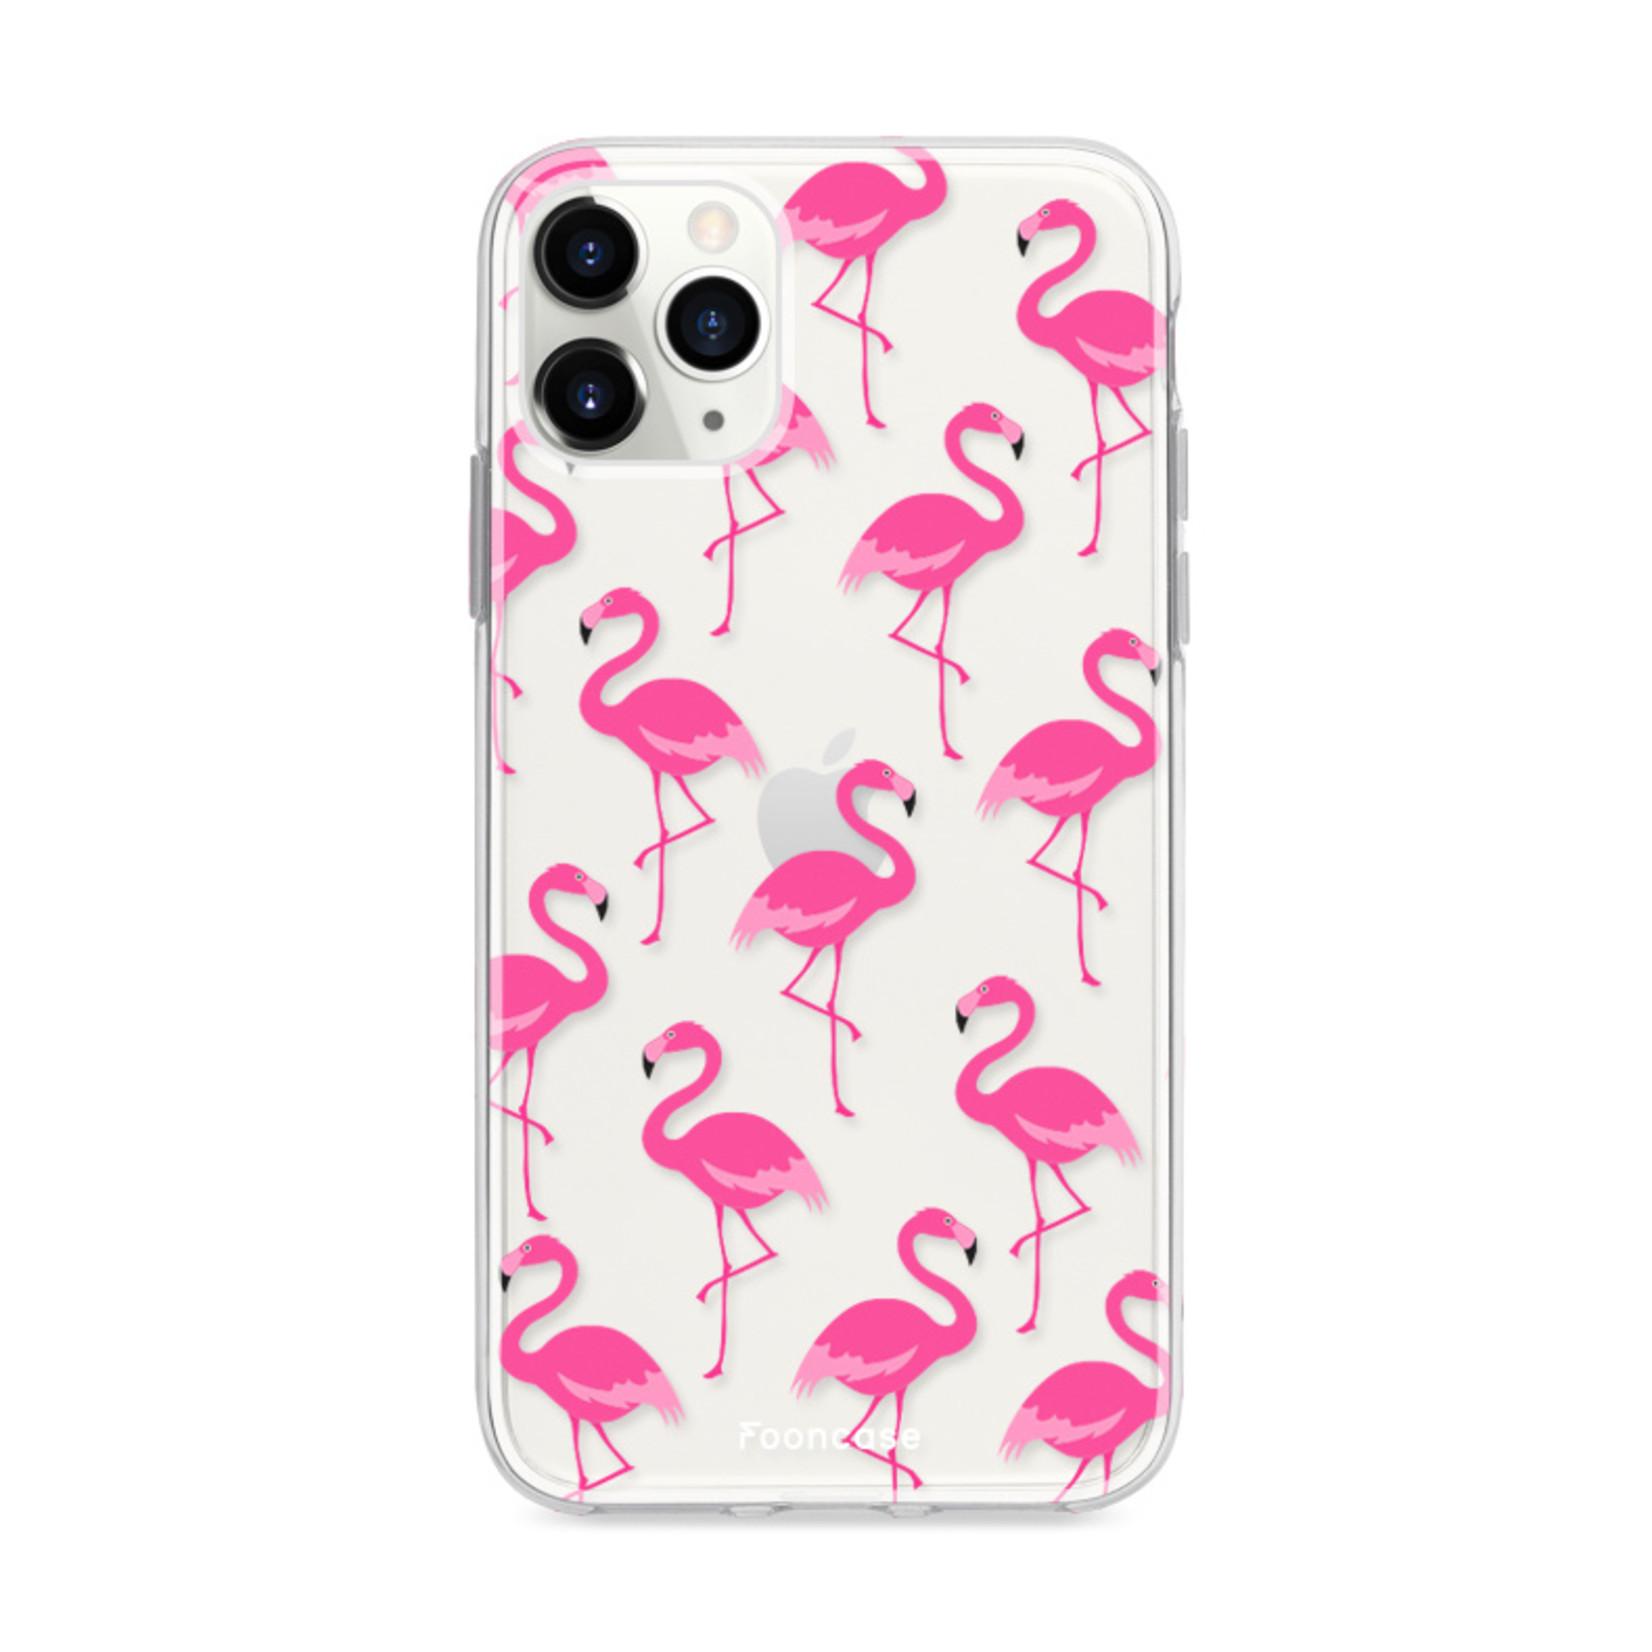 FOONCASE IPhone 12 Pro Max Case - Flamingo